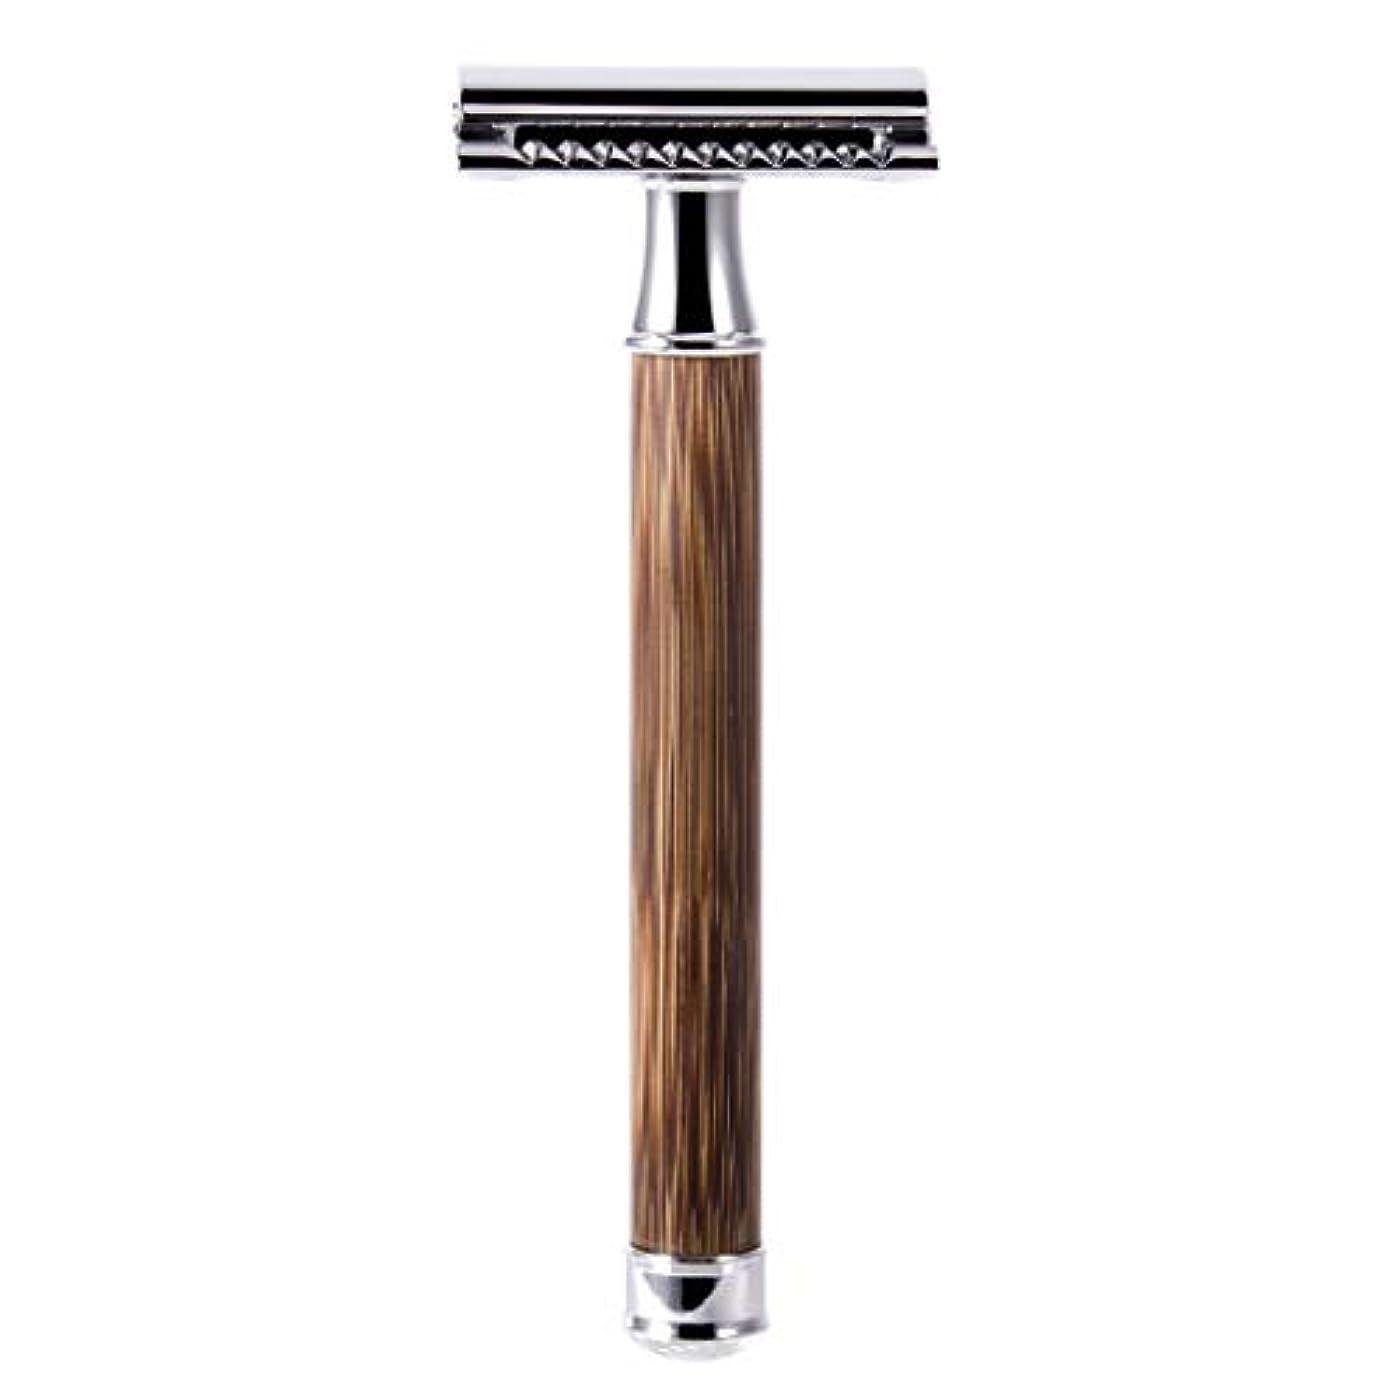 受け入れノベルティ丁寧QIANMEI レトロダブルエッジ剃刀安全カミソリヘアーリムーバーかみそりは、すべての標準レイザーブレードに適合します